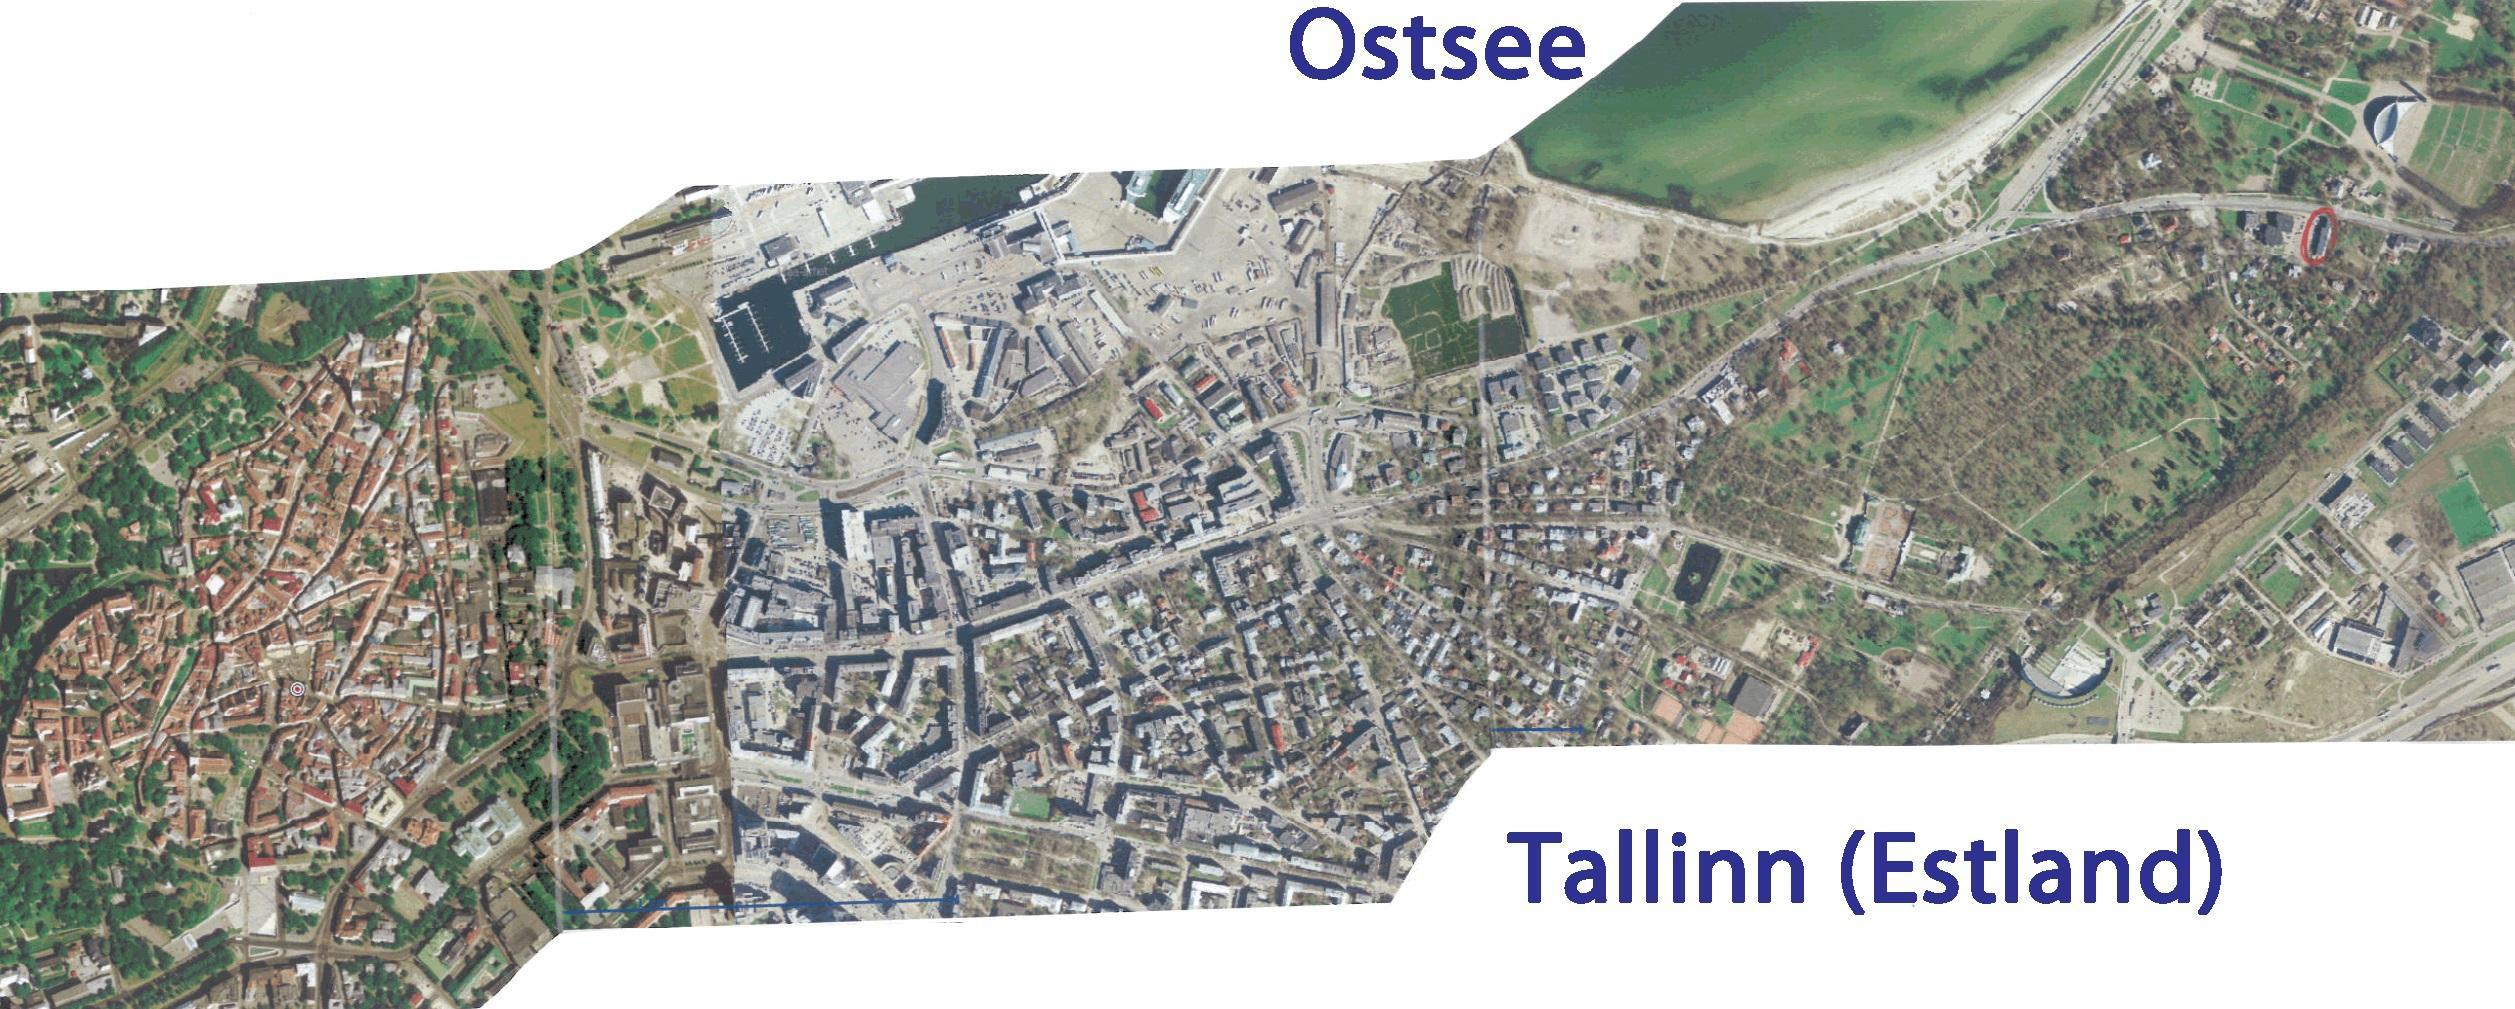 reise_estland_1